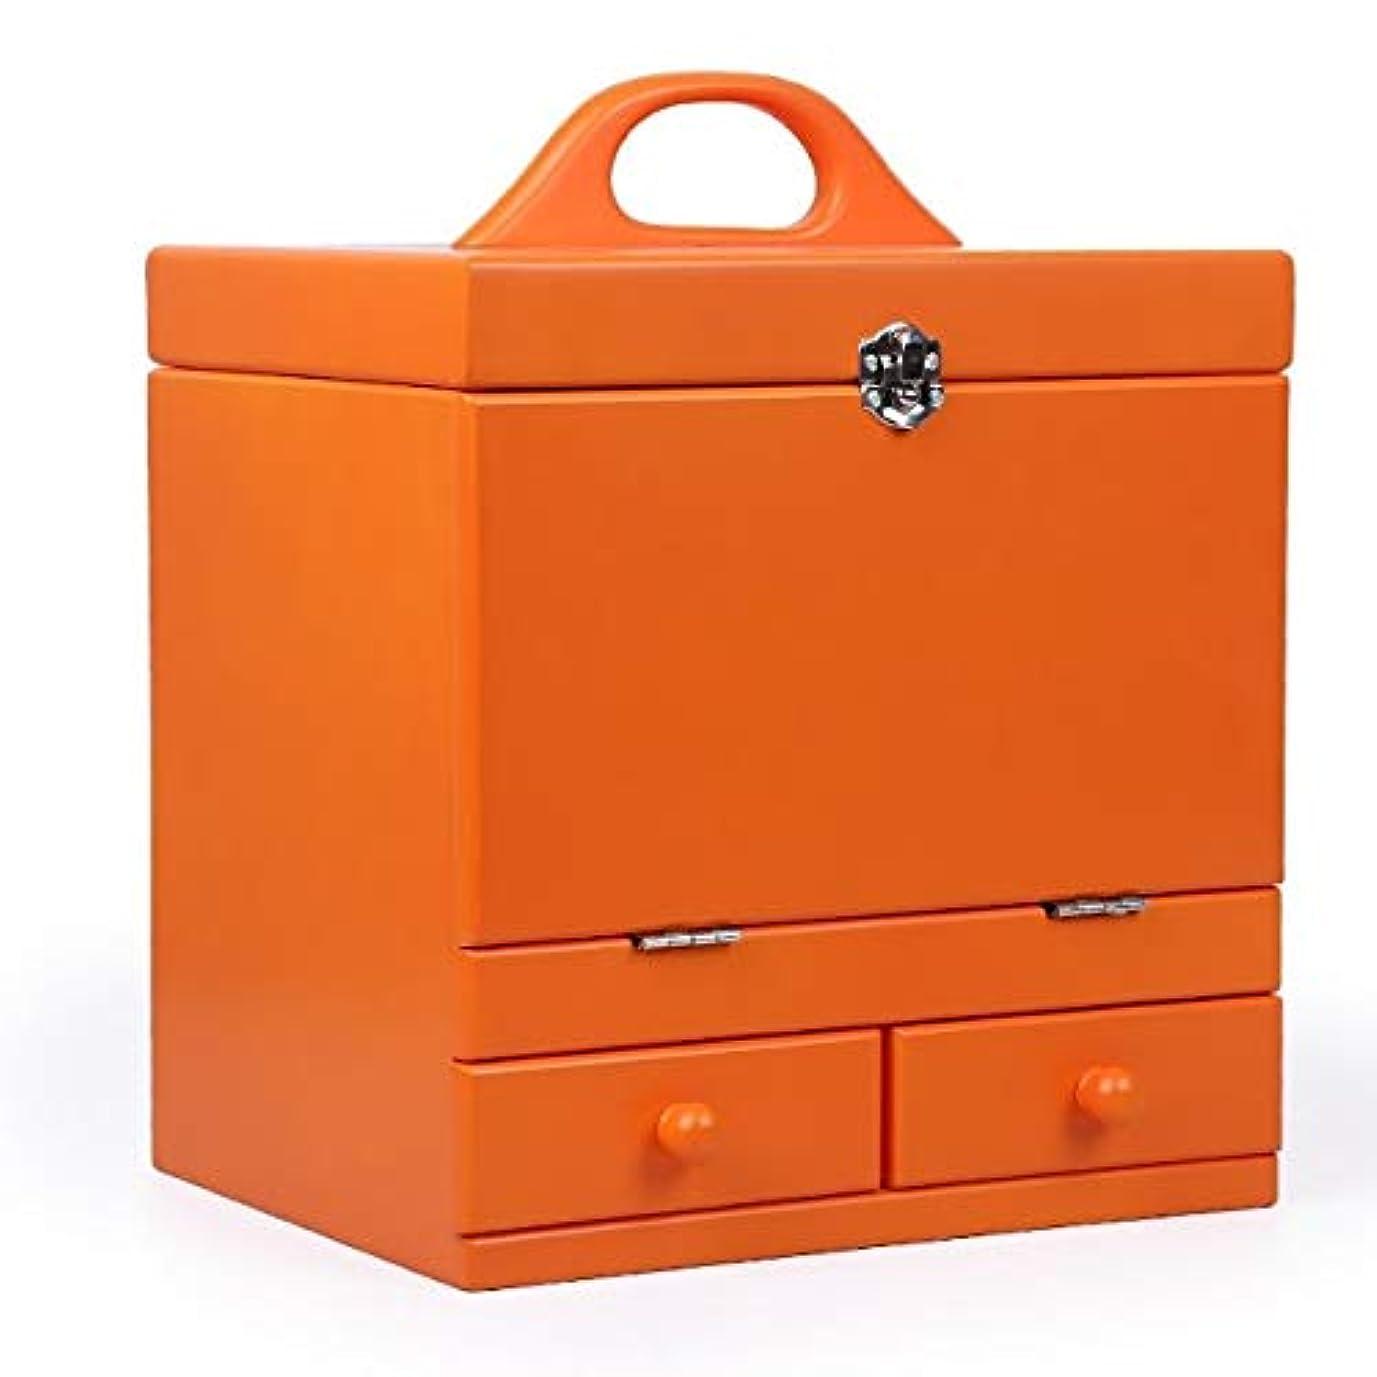 治療つば野ウサギ化粧箱、オレンジ二重デッキヴィンテージ木製彫刻化粧品ケース、ミラー、高級ウェディングギフト、新築祝いギフト、美容ネイルジュエリー収納ボックス